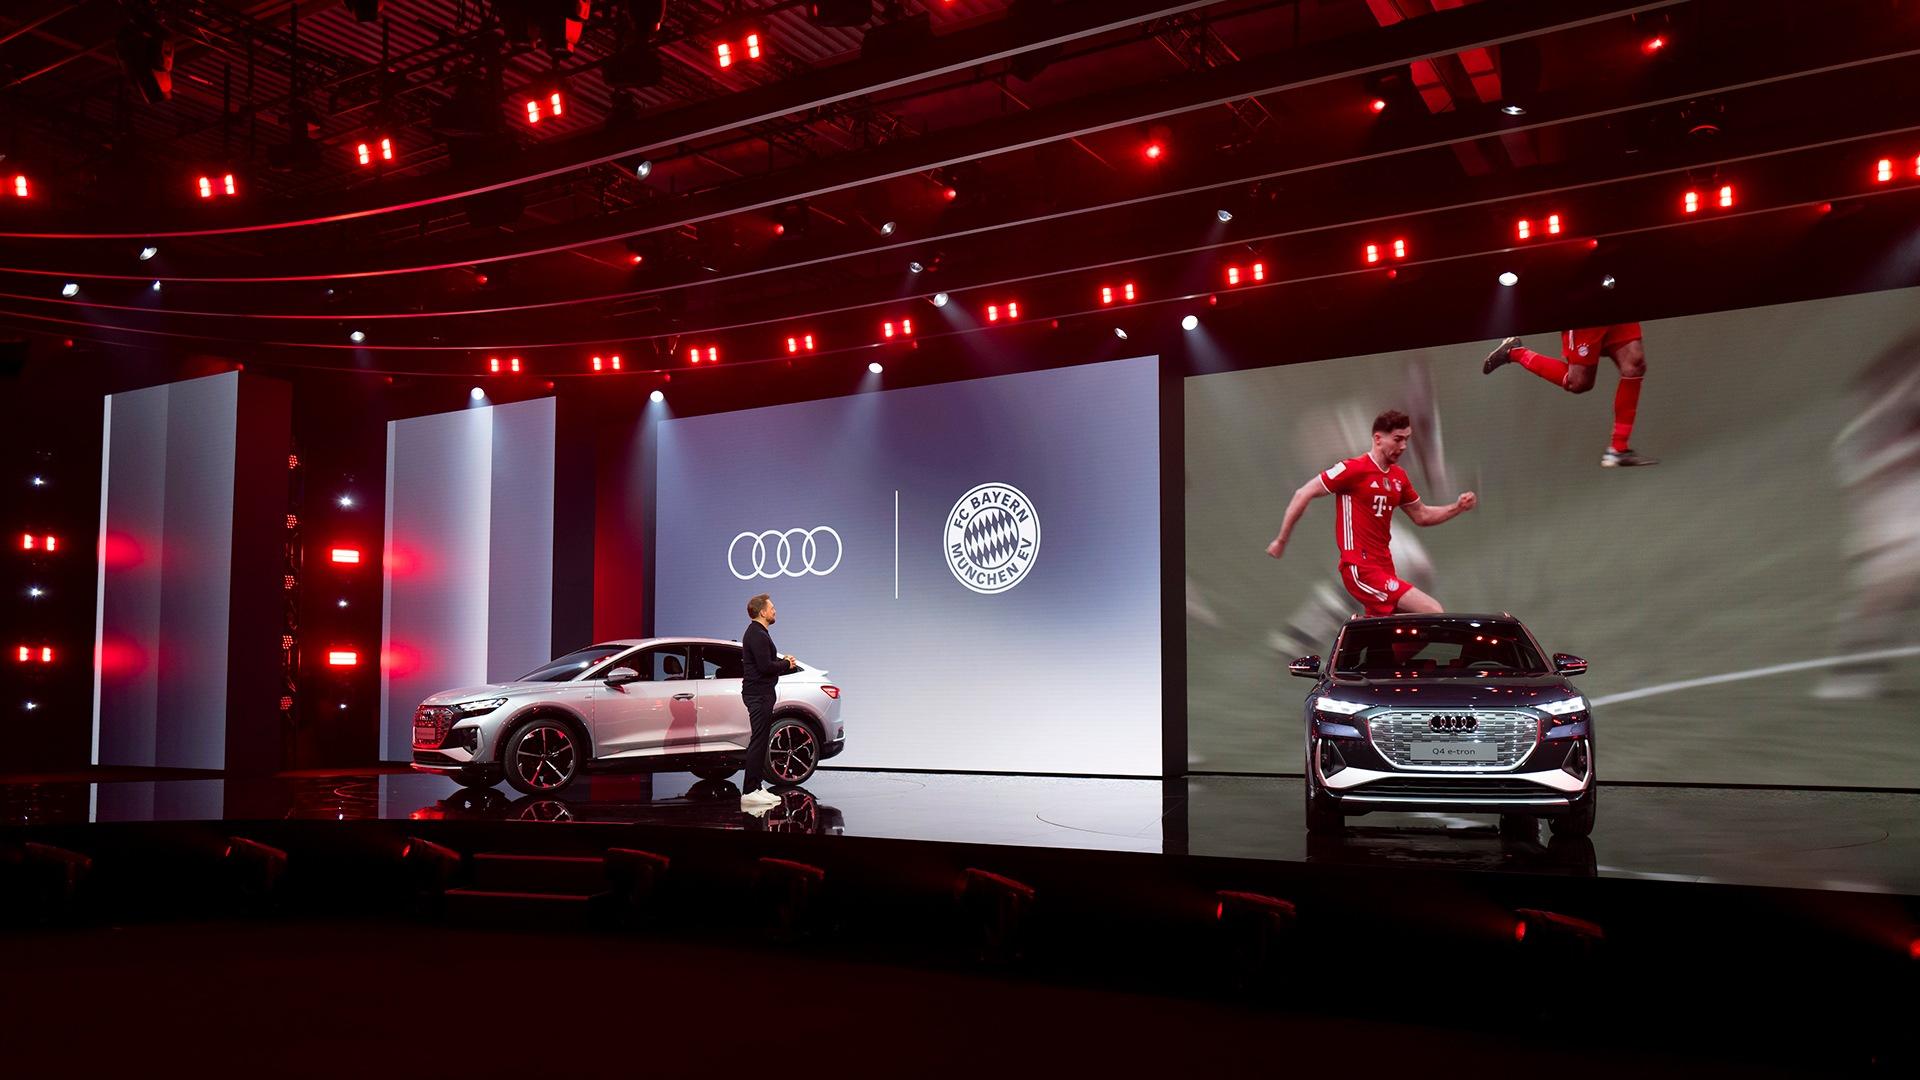 Vrhunec dogodka: nogometaši Leon Goretzka, Alphonso Davies in Lucas Hernandez iz ekipe Bayern Munich so govorili o digitalnih funkcijah Audija e-tron, med katerimi izstopa prikaz z obogateno resničnostjo.